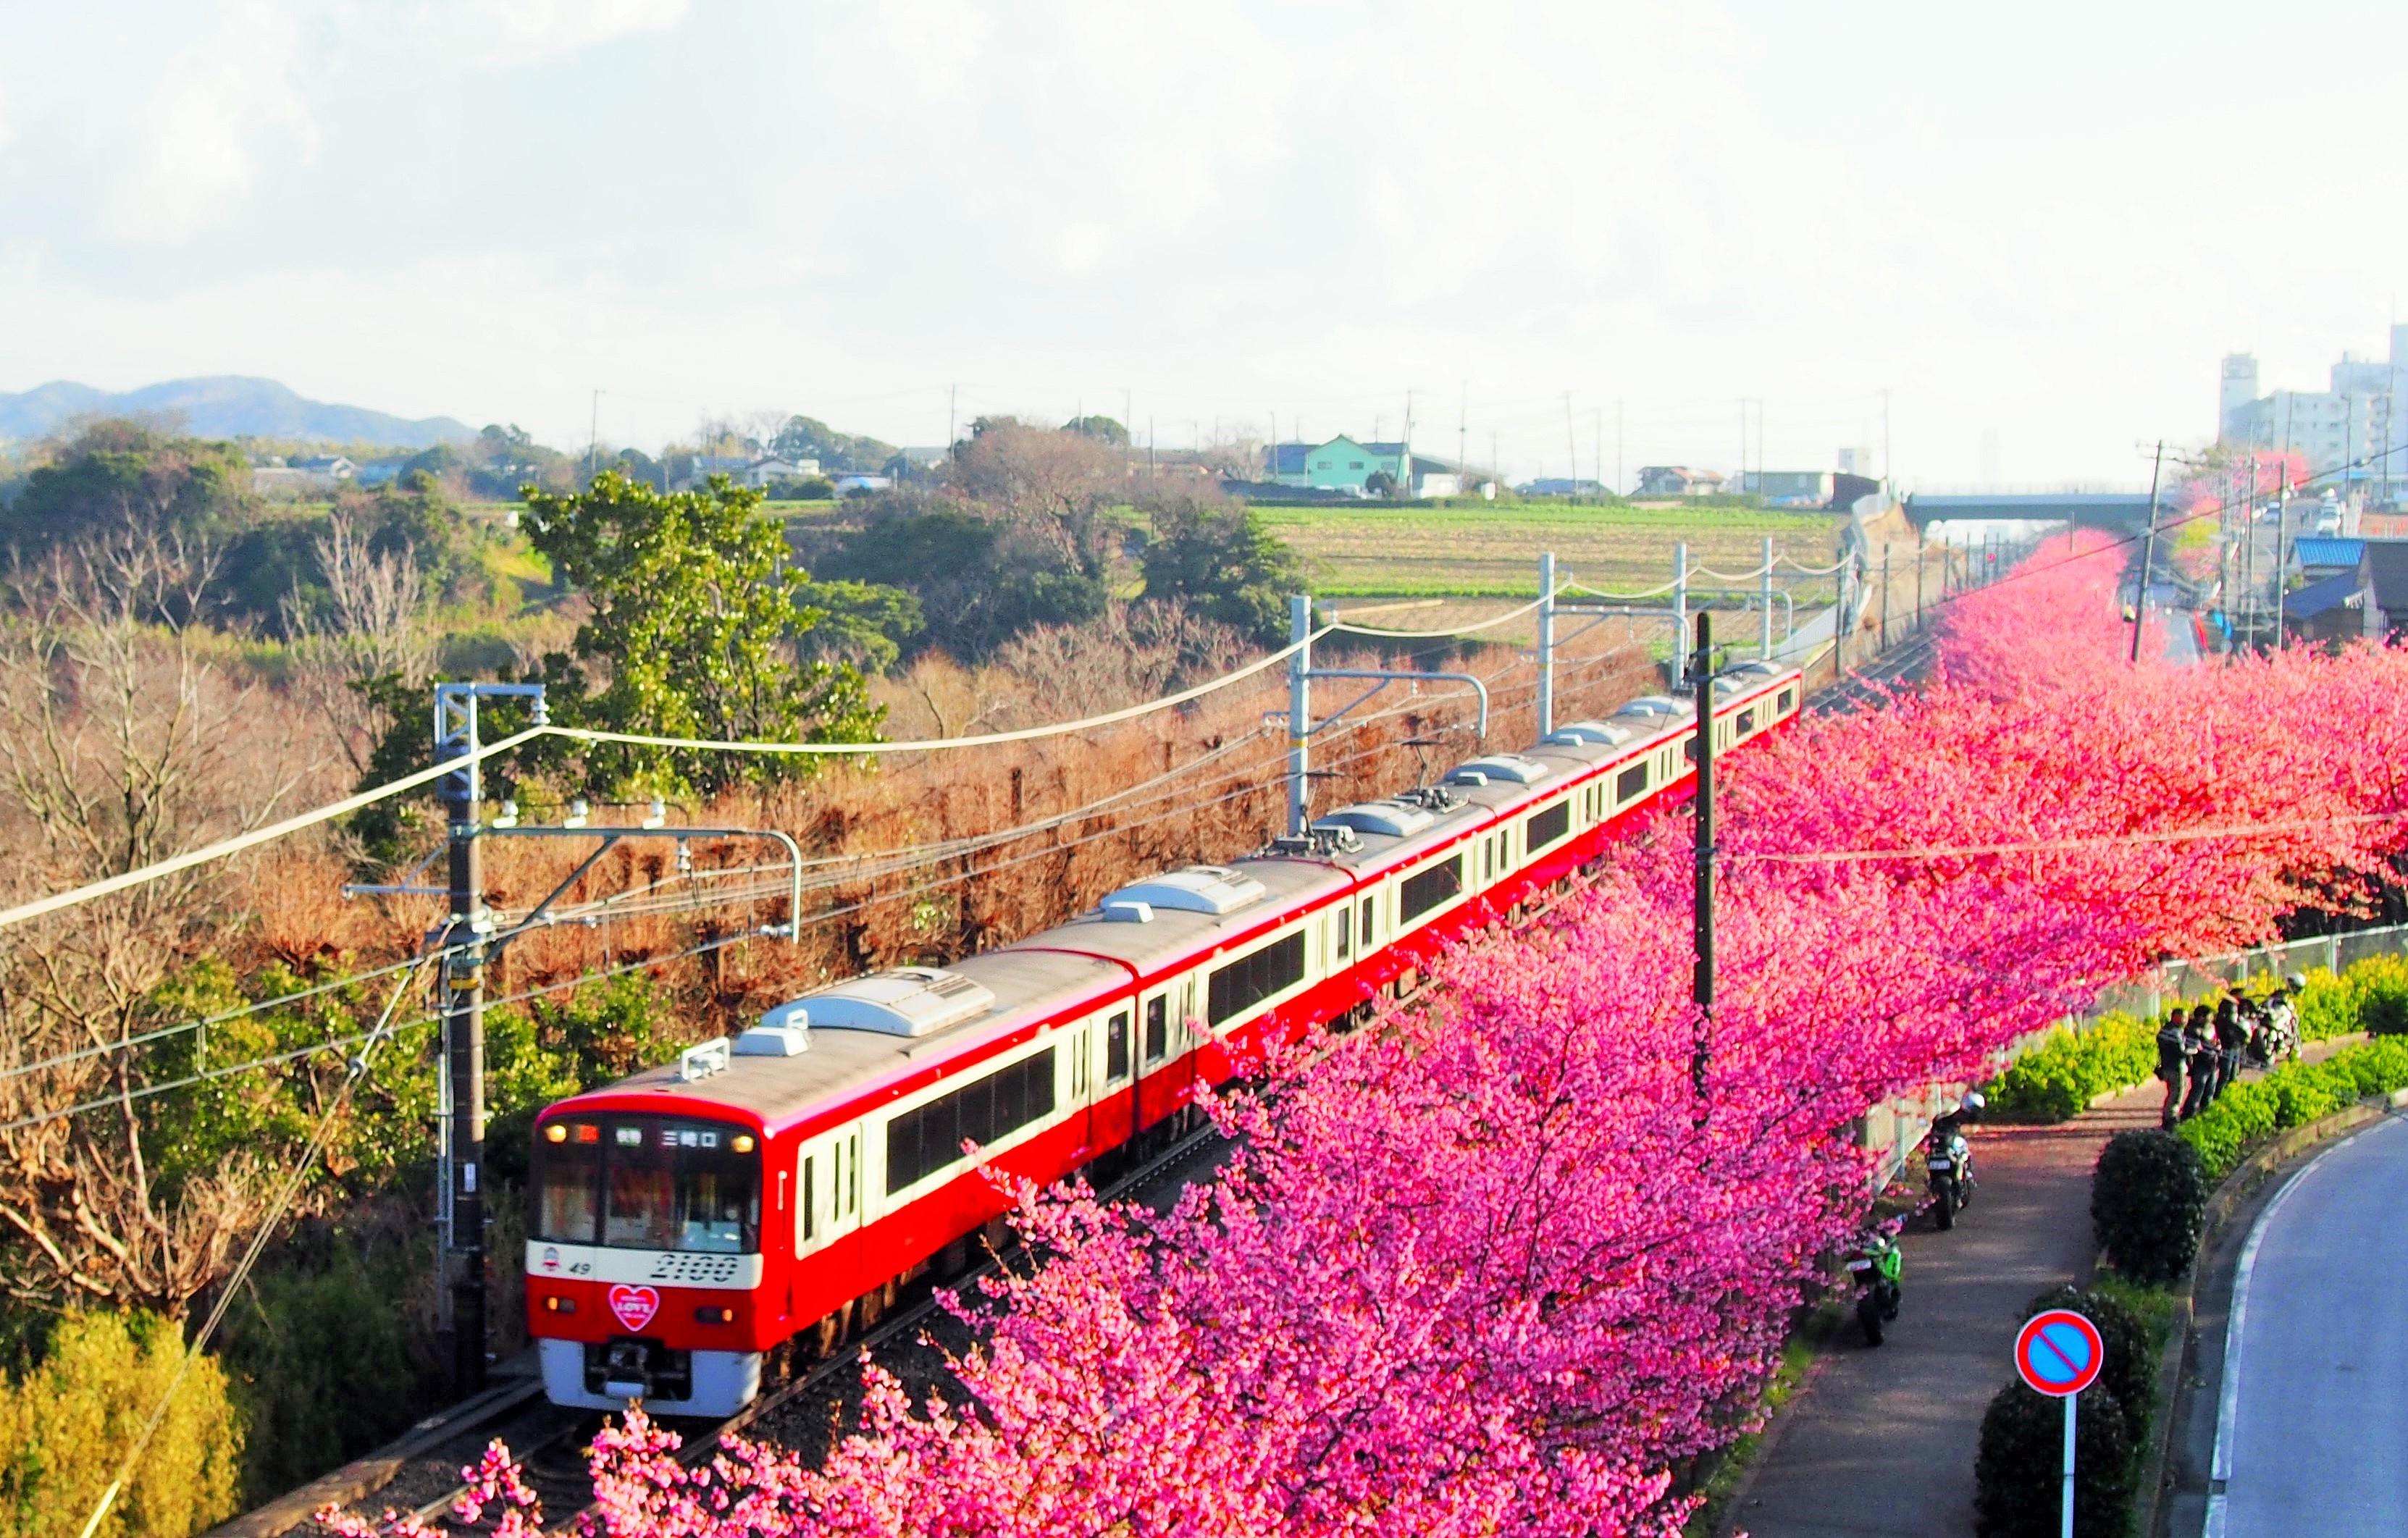 河津 桜 三浦 海岸 2021 三浦海岸の河津桜(カワヅザクラ)2021年の見頃と現在の開花状況は?...